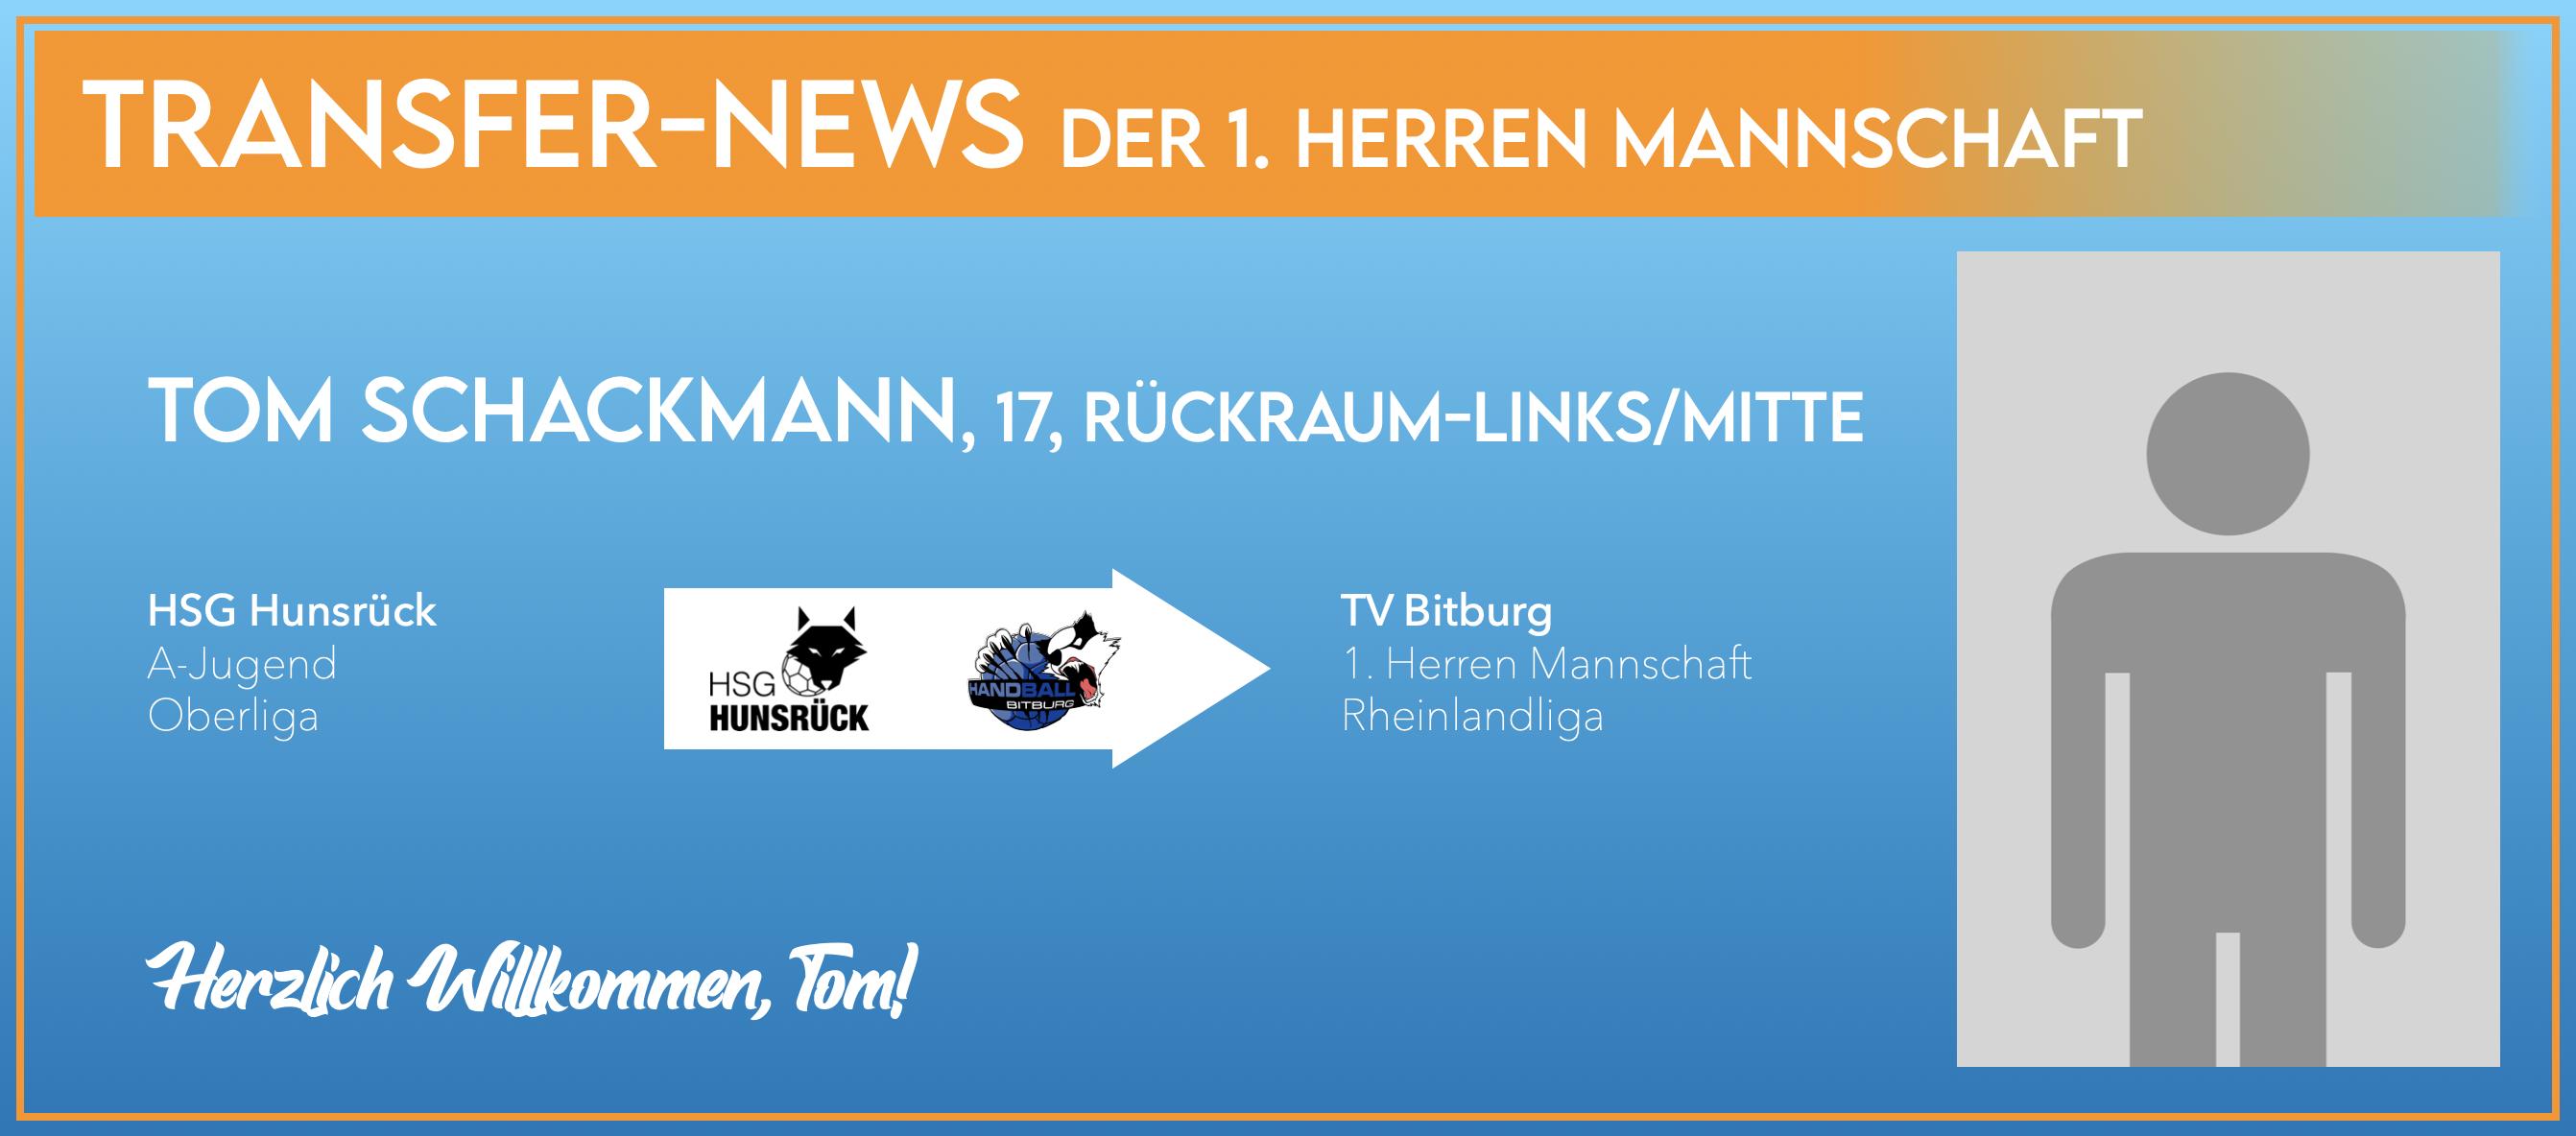 Tom Schackmann wechselt in unsere 1. Herren Mannschaft